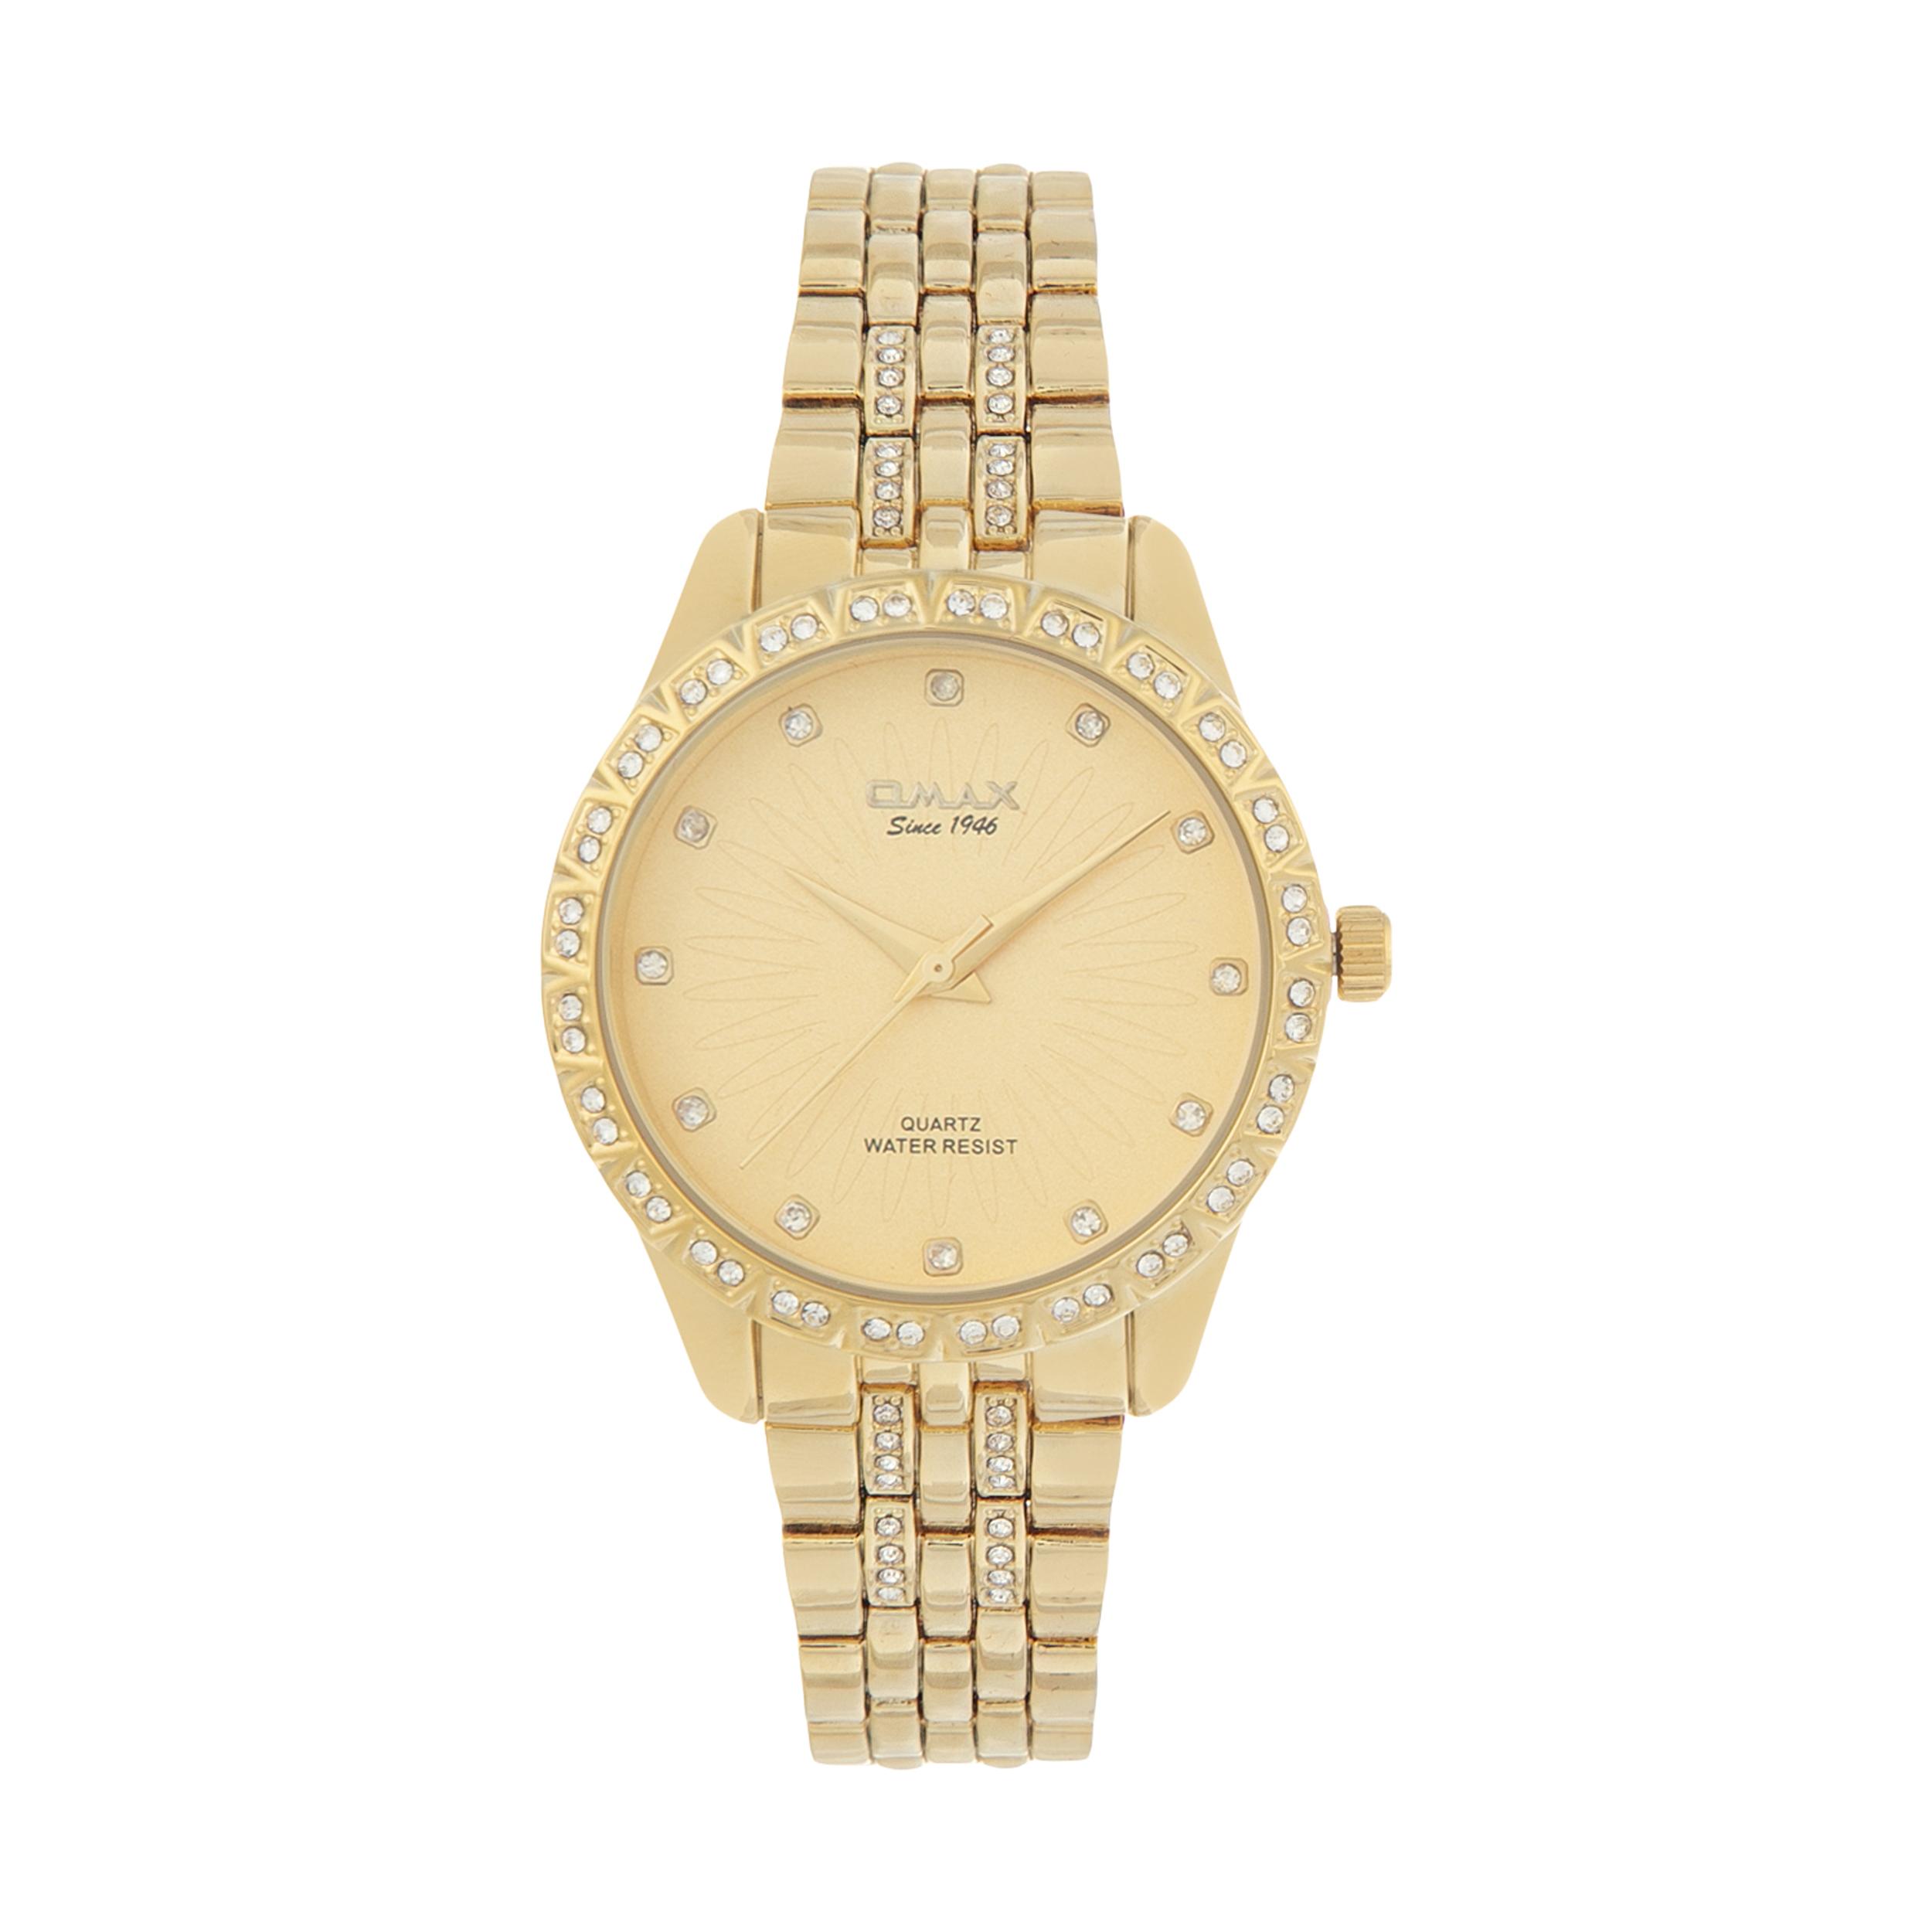 ساعت مچی عقربه ای زنانه اومکس مدل JDP010 کد 16              ارزان